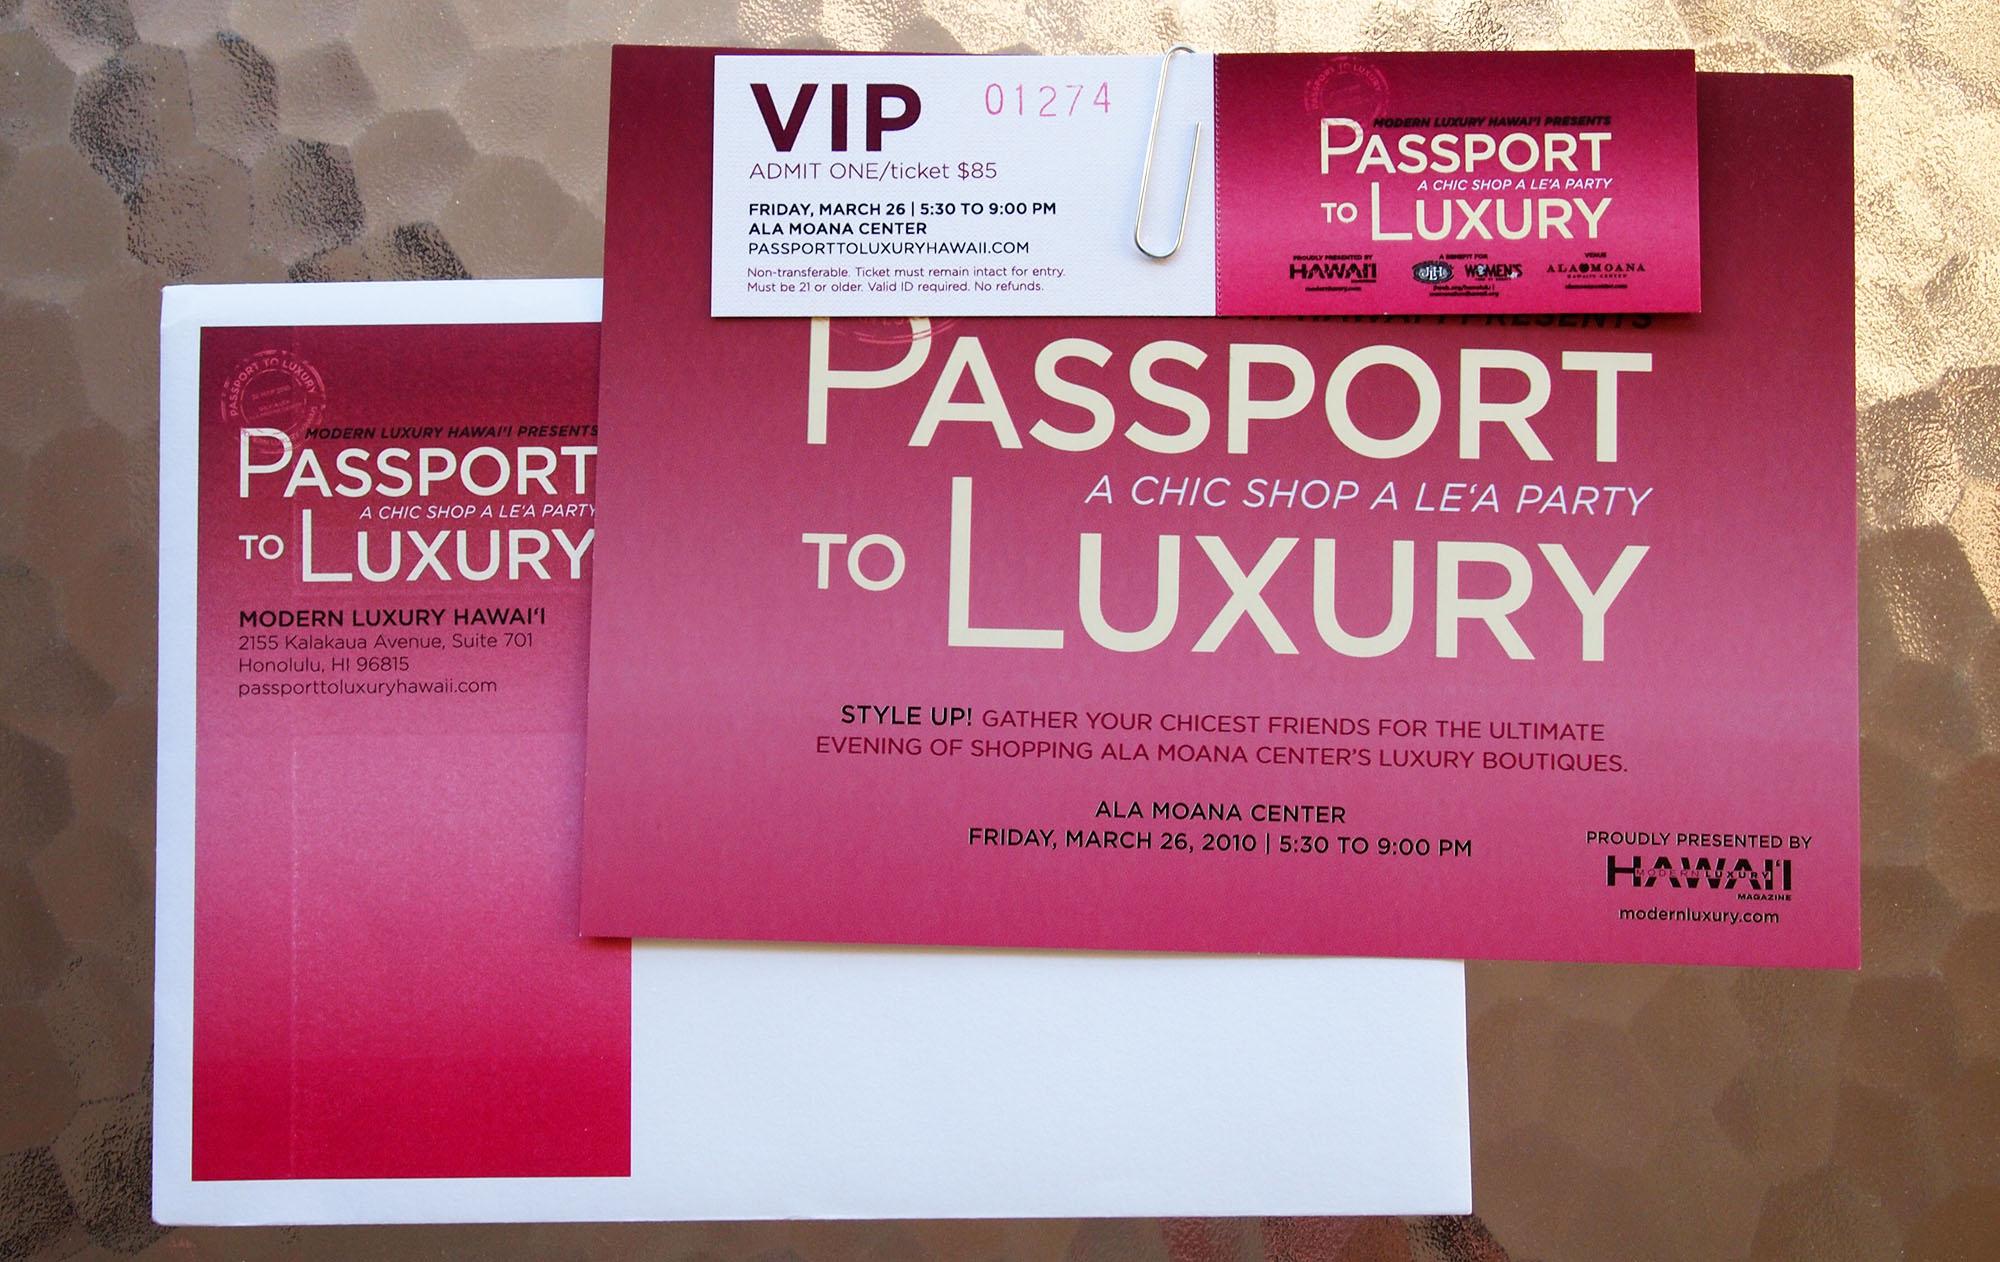 passport-to-luxury-aramoana